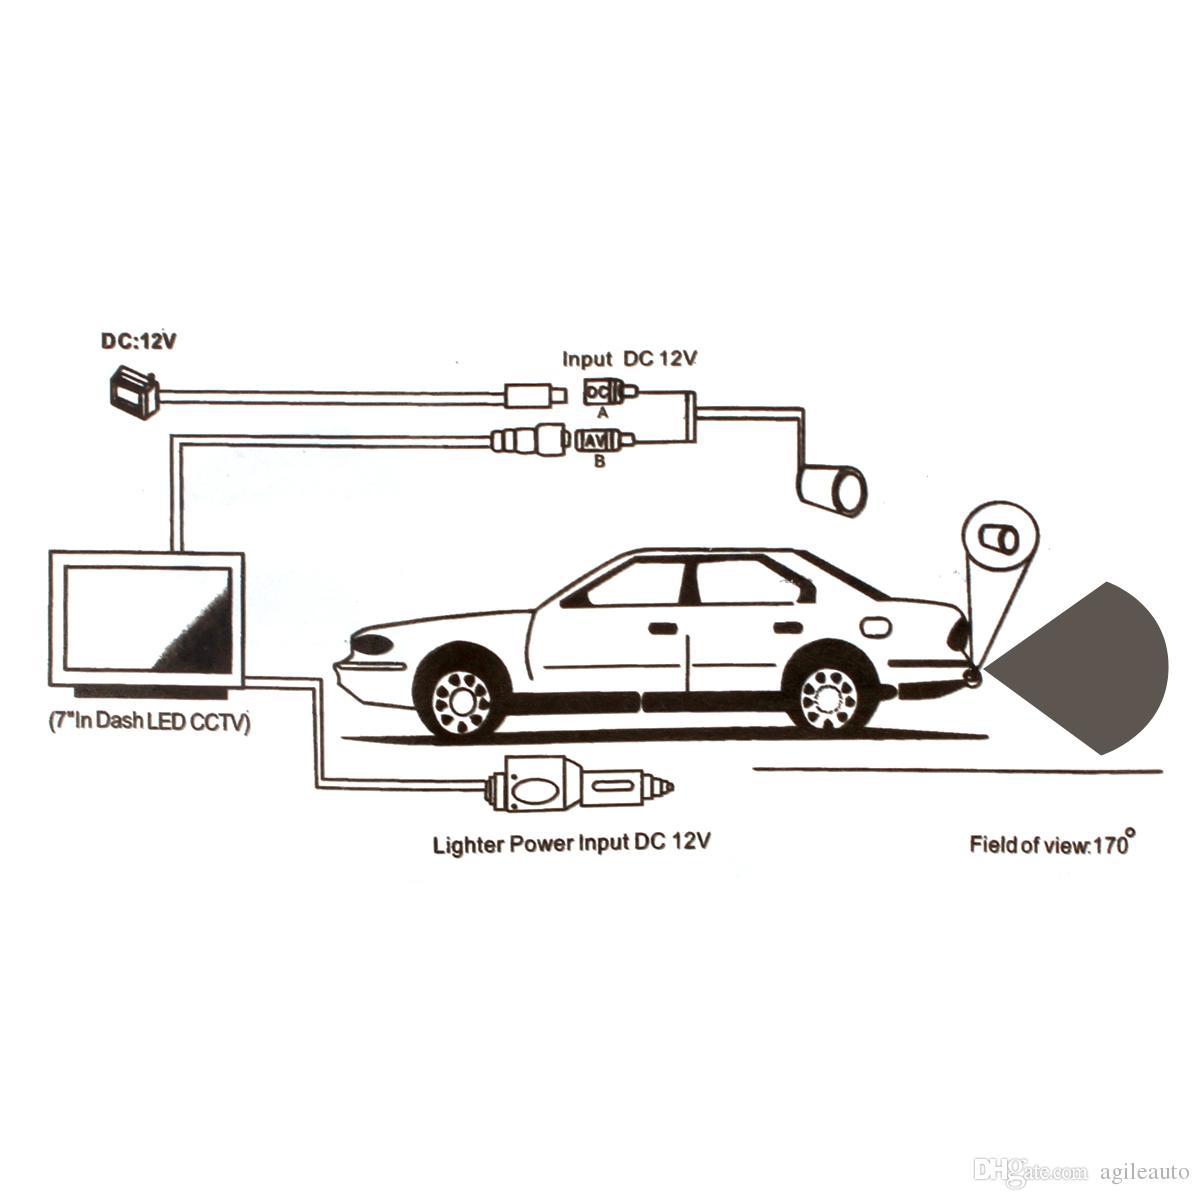 Macchina fotografica impermeabile di parcheggio di retrovisione della macchina fotografica di retrovisione dell'automobile di visione notturna di ampio angolo di visione notturna di 170 gradi i veicoli CAL_00S